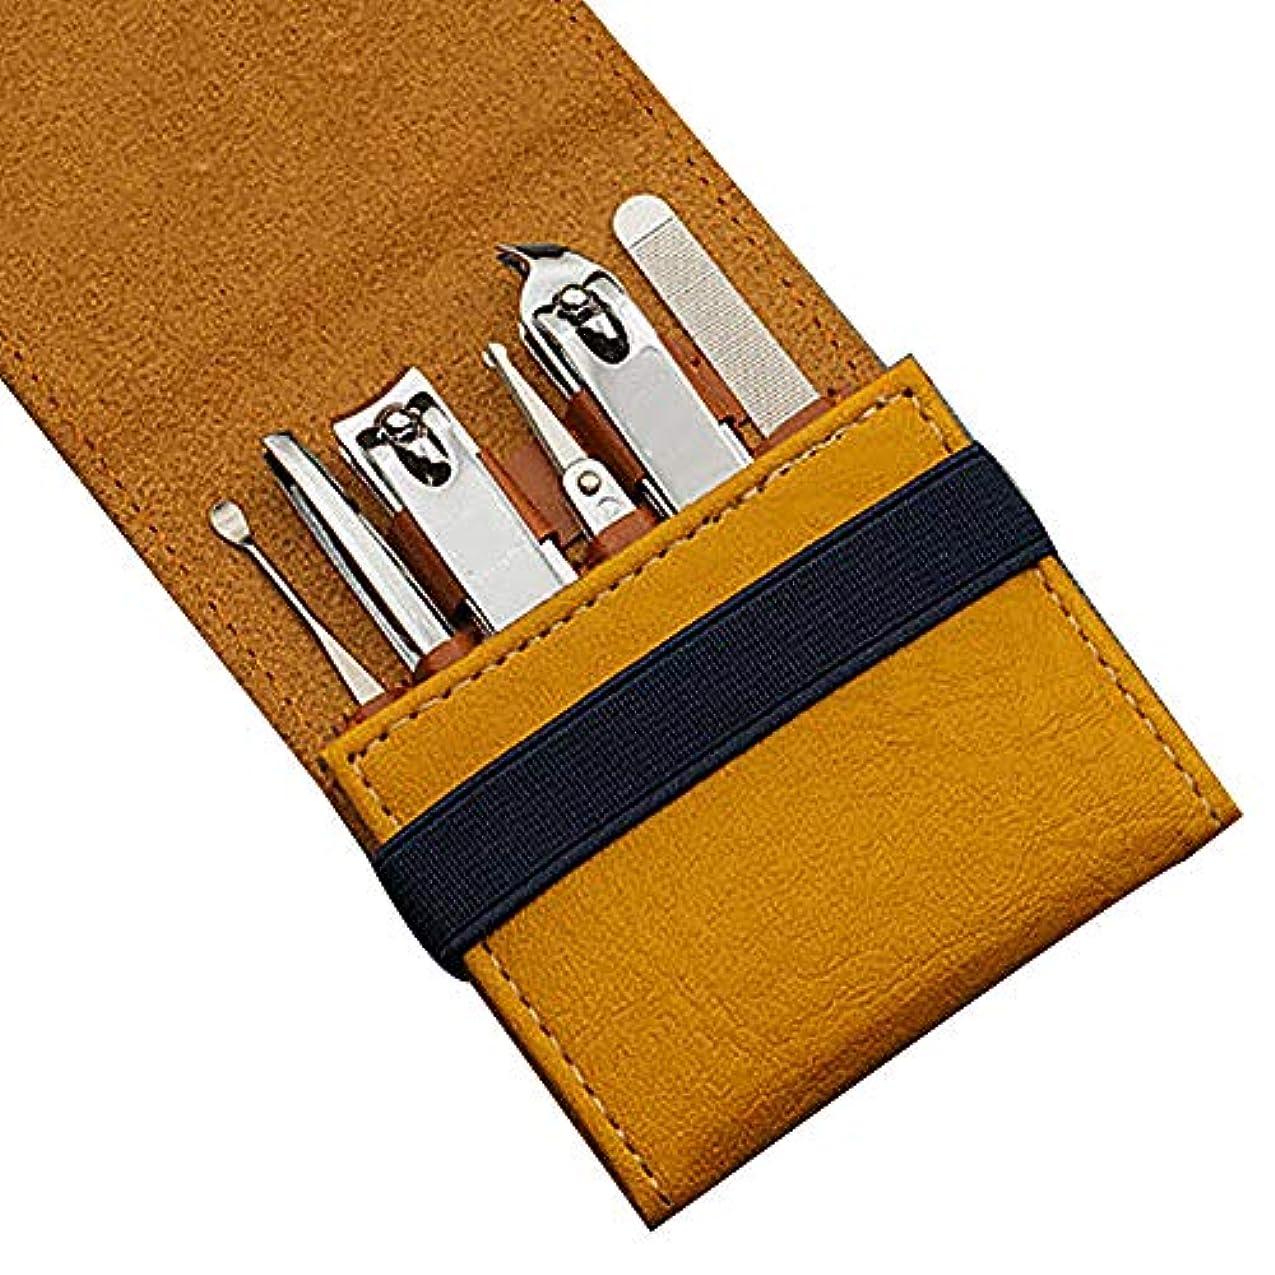 霜表向き悲しいことに爪切りセット携帯便利男女兼用 爪切りセット高級黄色PUレザーケース付き、6点セット